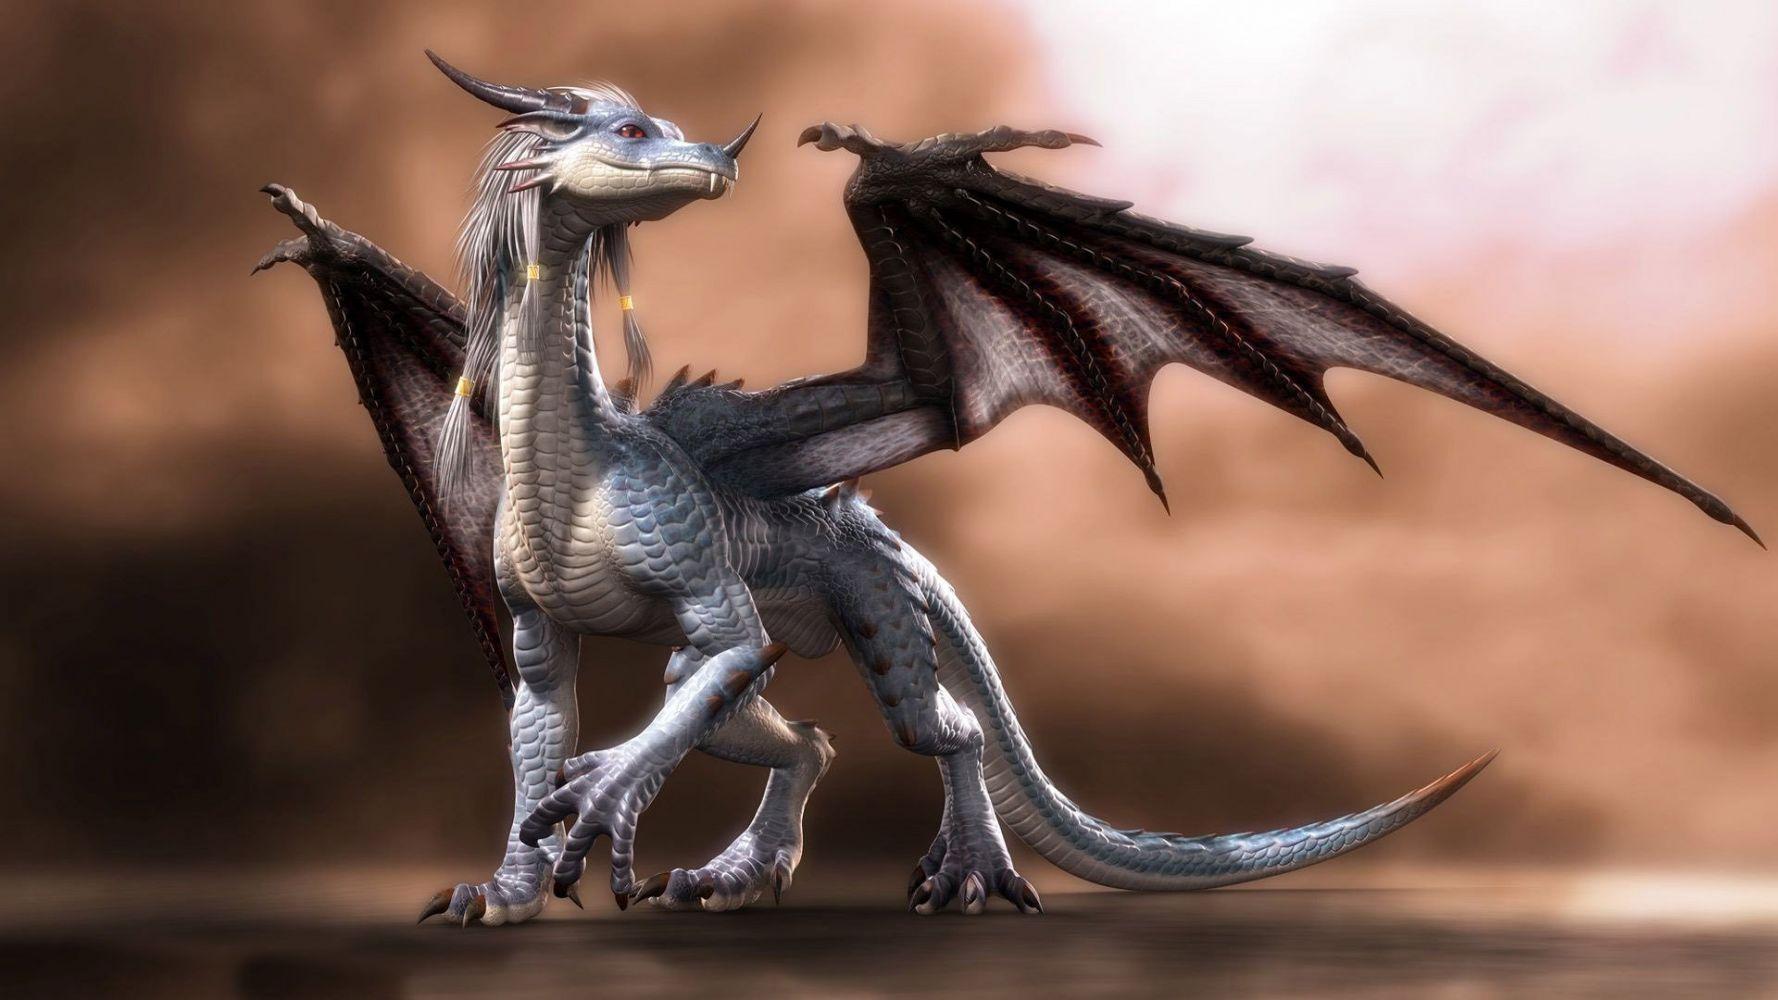 Смотреть фото на рабочий стол мистические драконы